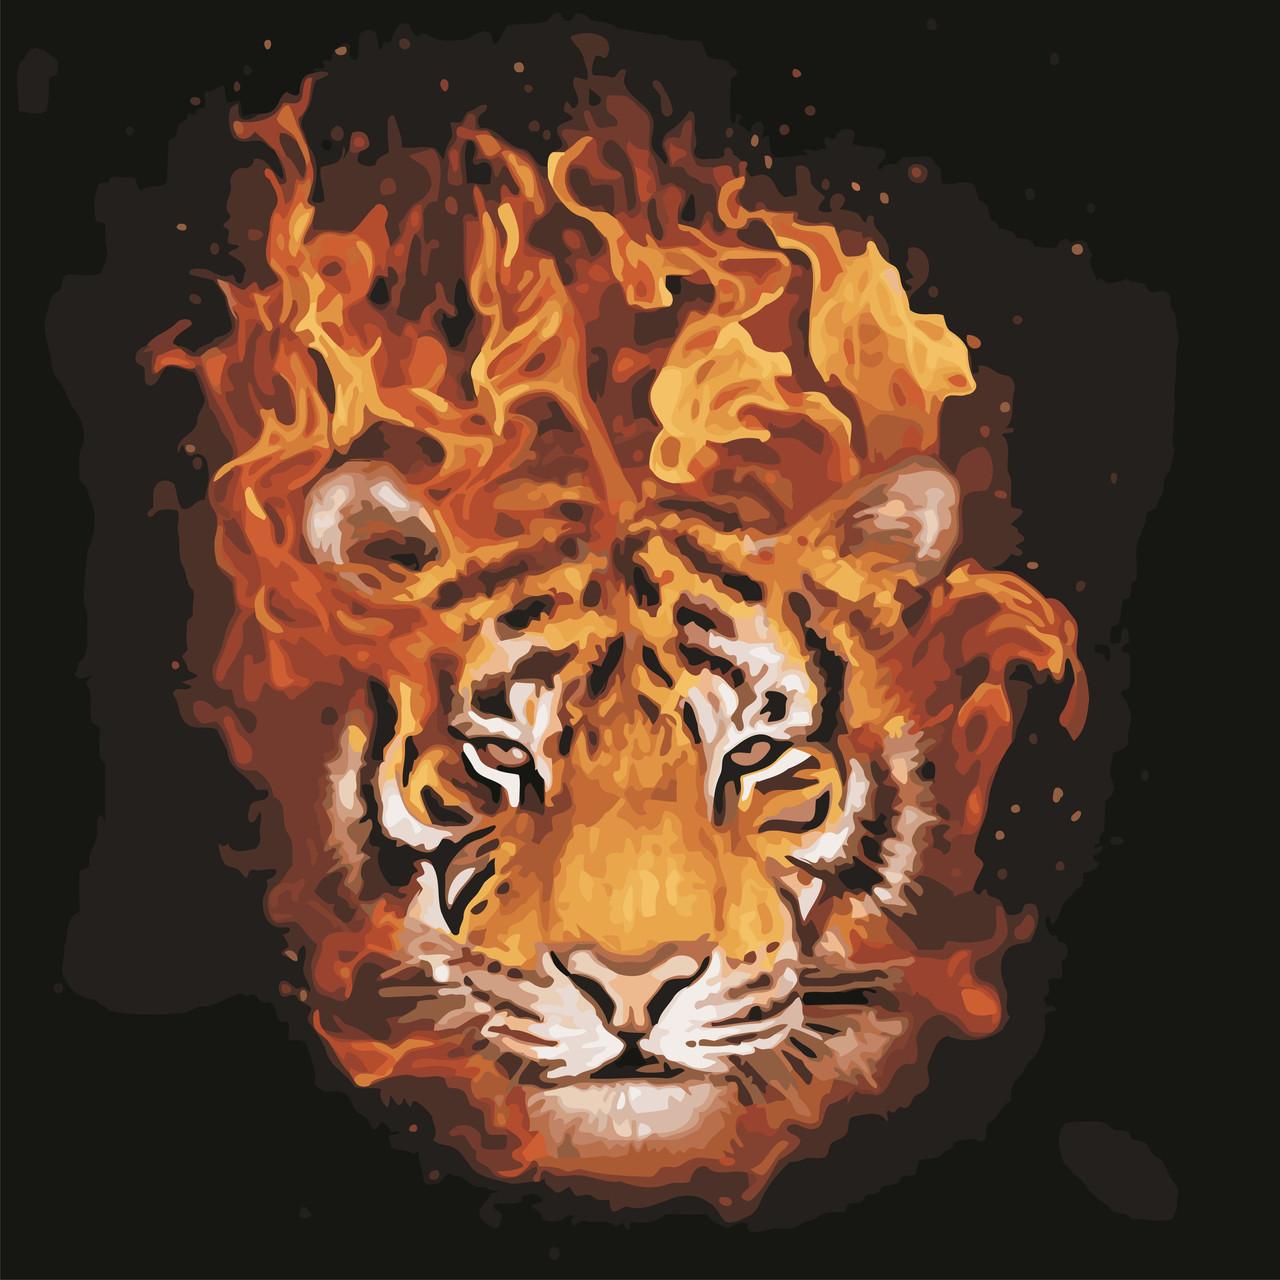 Художественный творческий набор, картина по номерам Тигр в огне, 40x40 см, «Art Story» (AS0604)